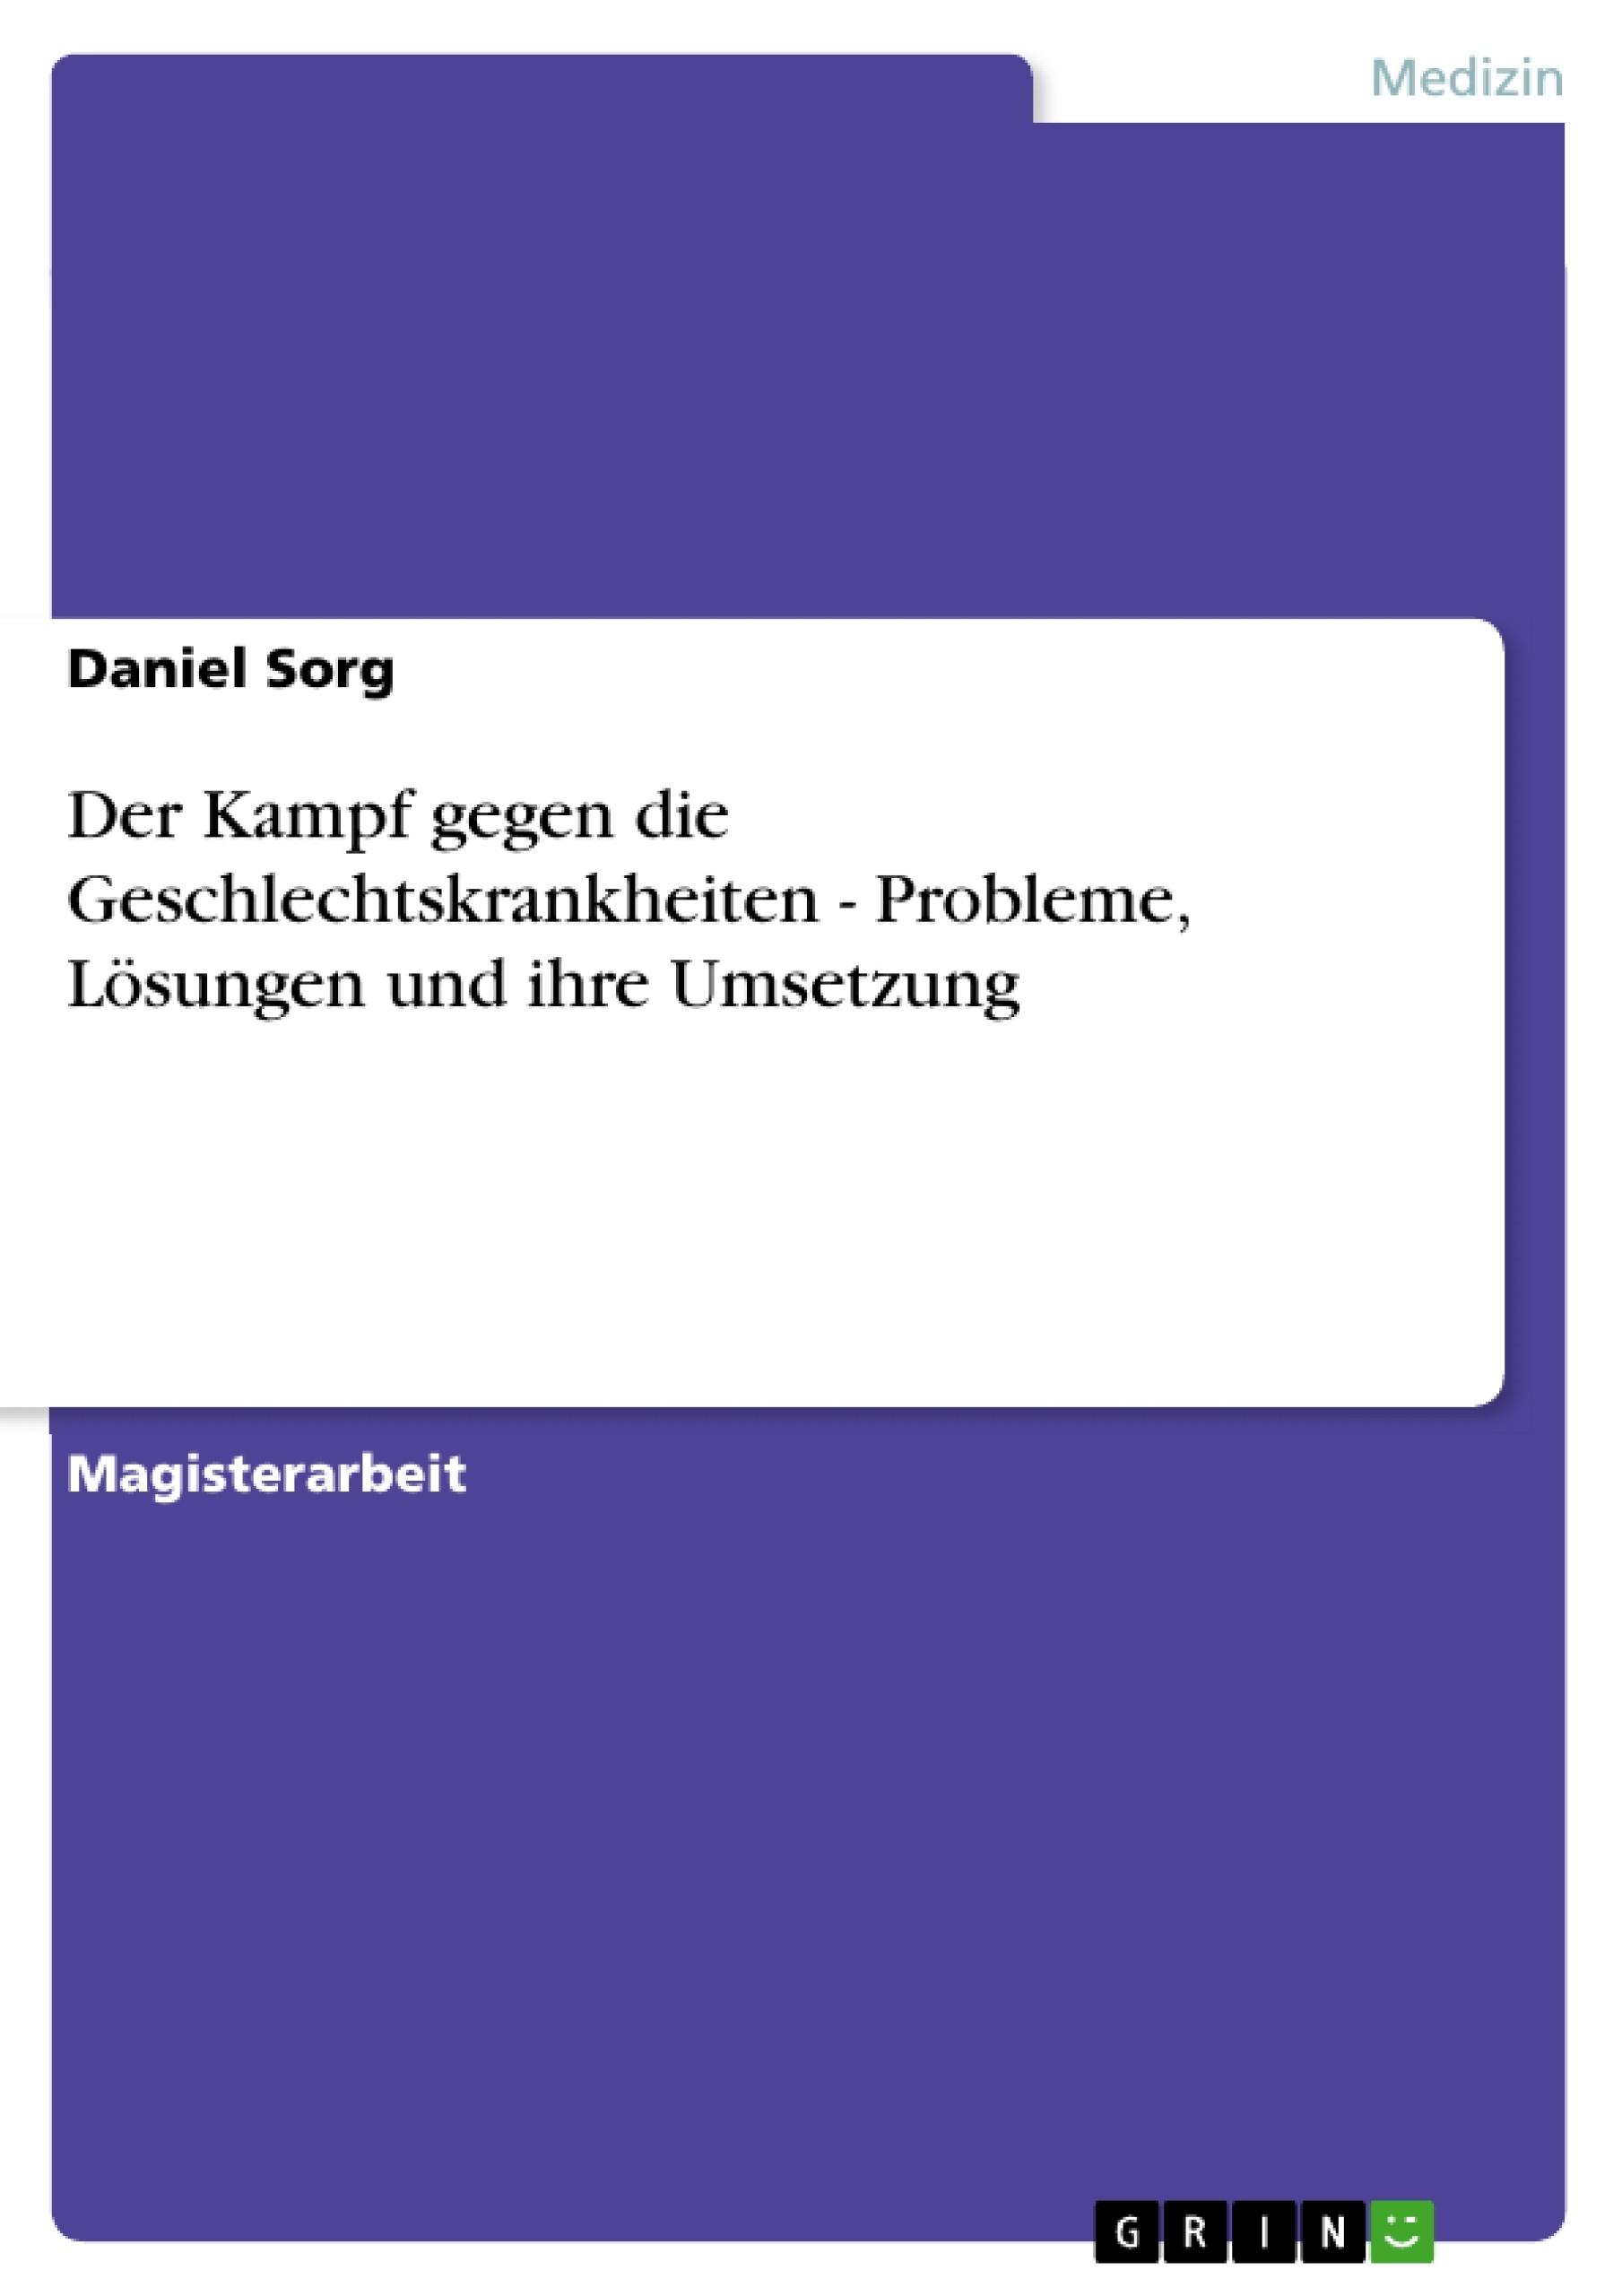 Titel: Der Kampf gegen die Geschlechtskrankheiten - Probleme, Lösungen und ihre Umsetzung